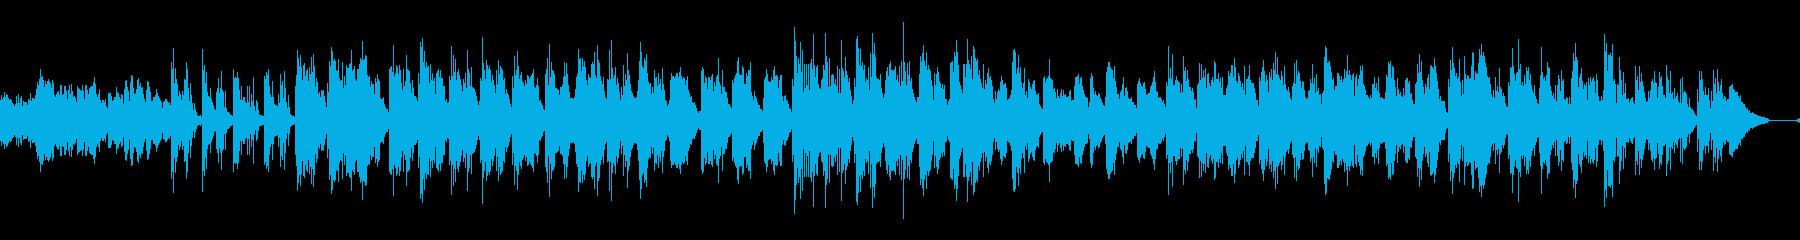 ゆっくりアジアや古代の歴史を感じる琴の曲の再生済みの波形